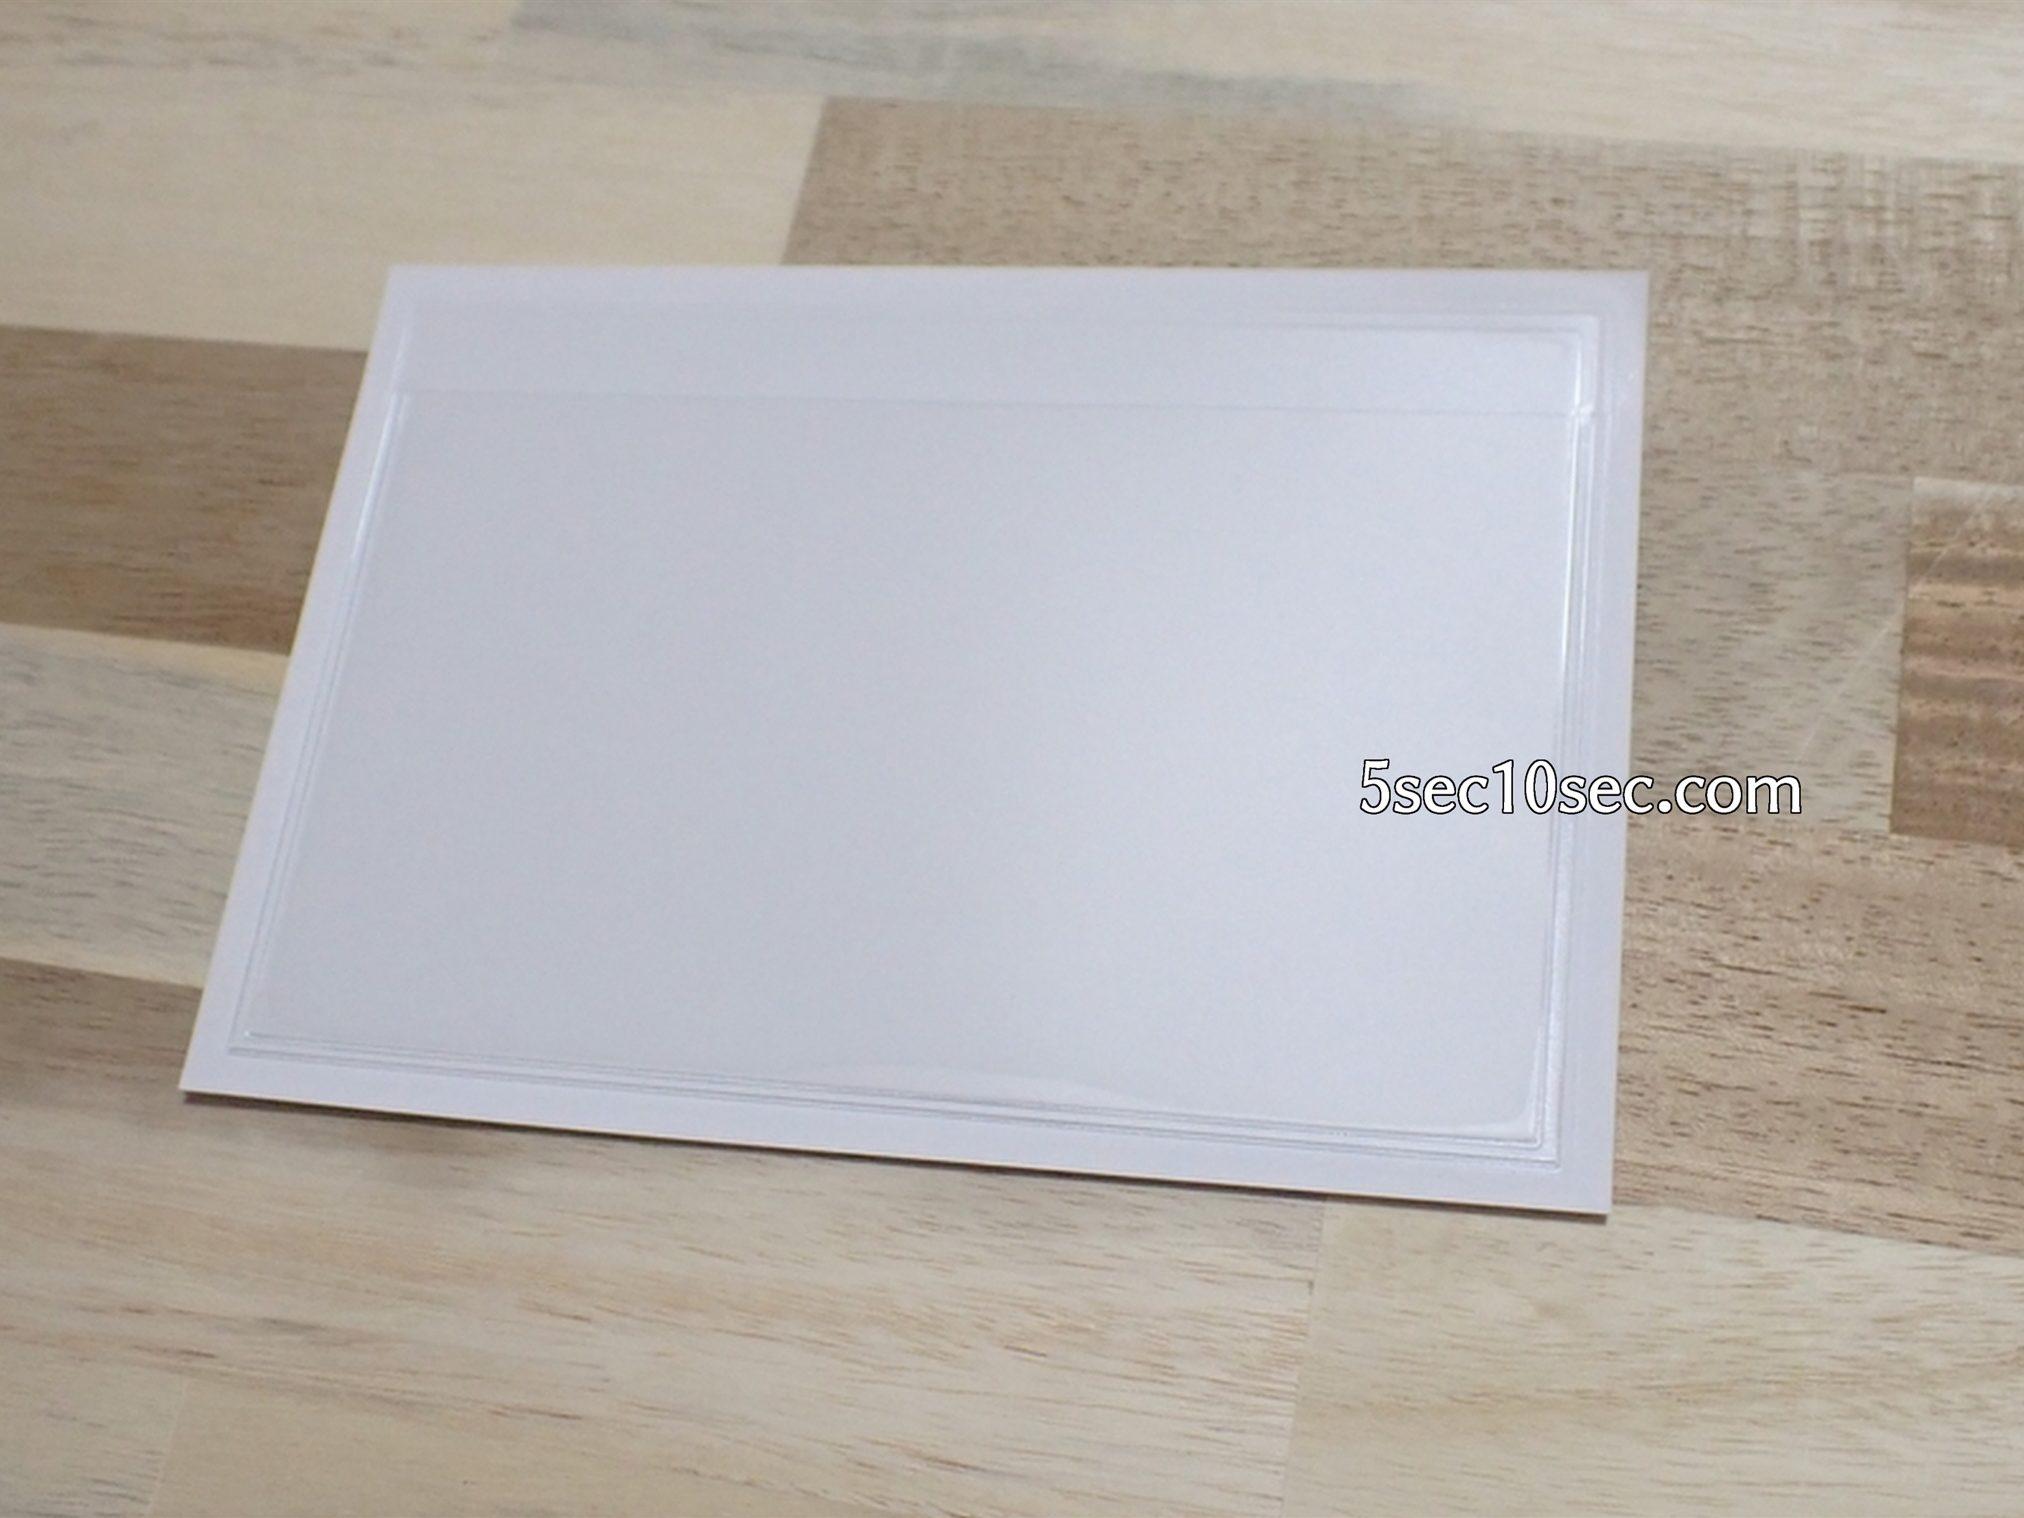 2021年1月始まり 手帳シール 自作手帳 マンスリー手帳 グリーティングライフ Greeting Life カスタムダイアリーステッカーズ 手帳にポケットを作ることができるシール、貼って剥がせます